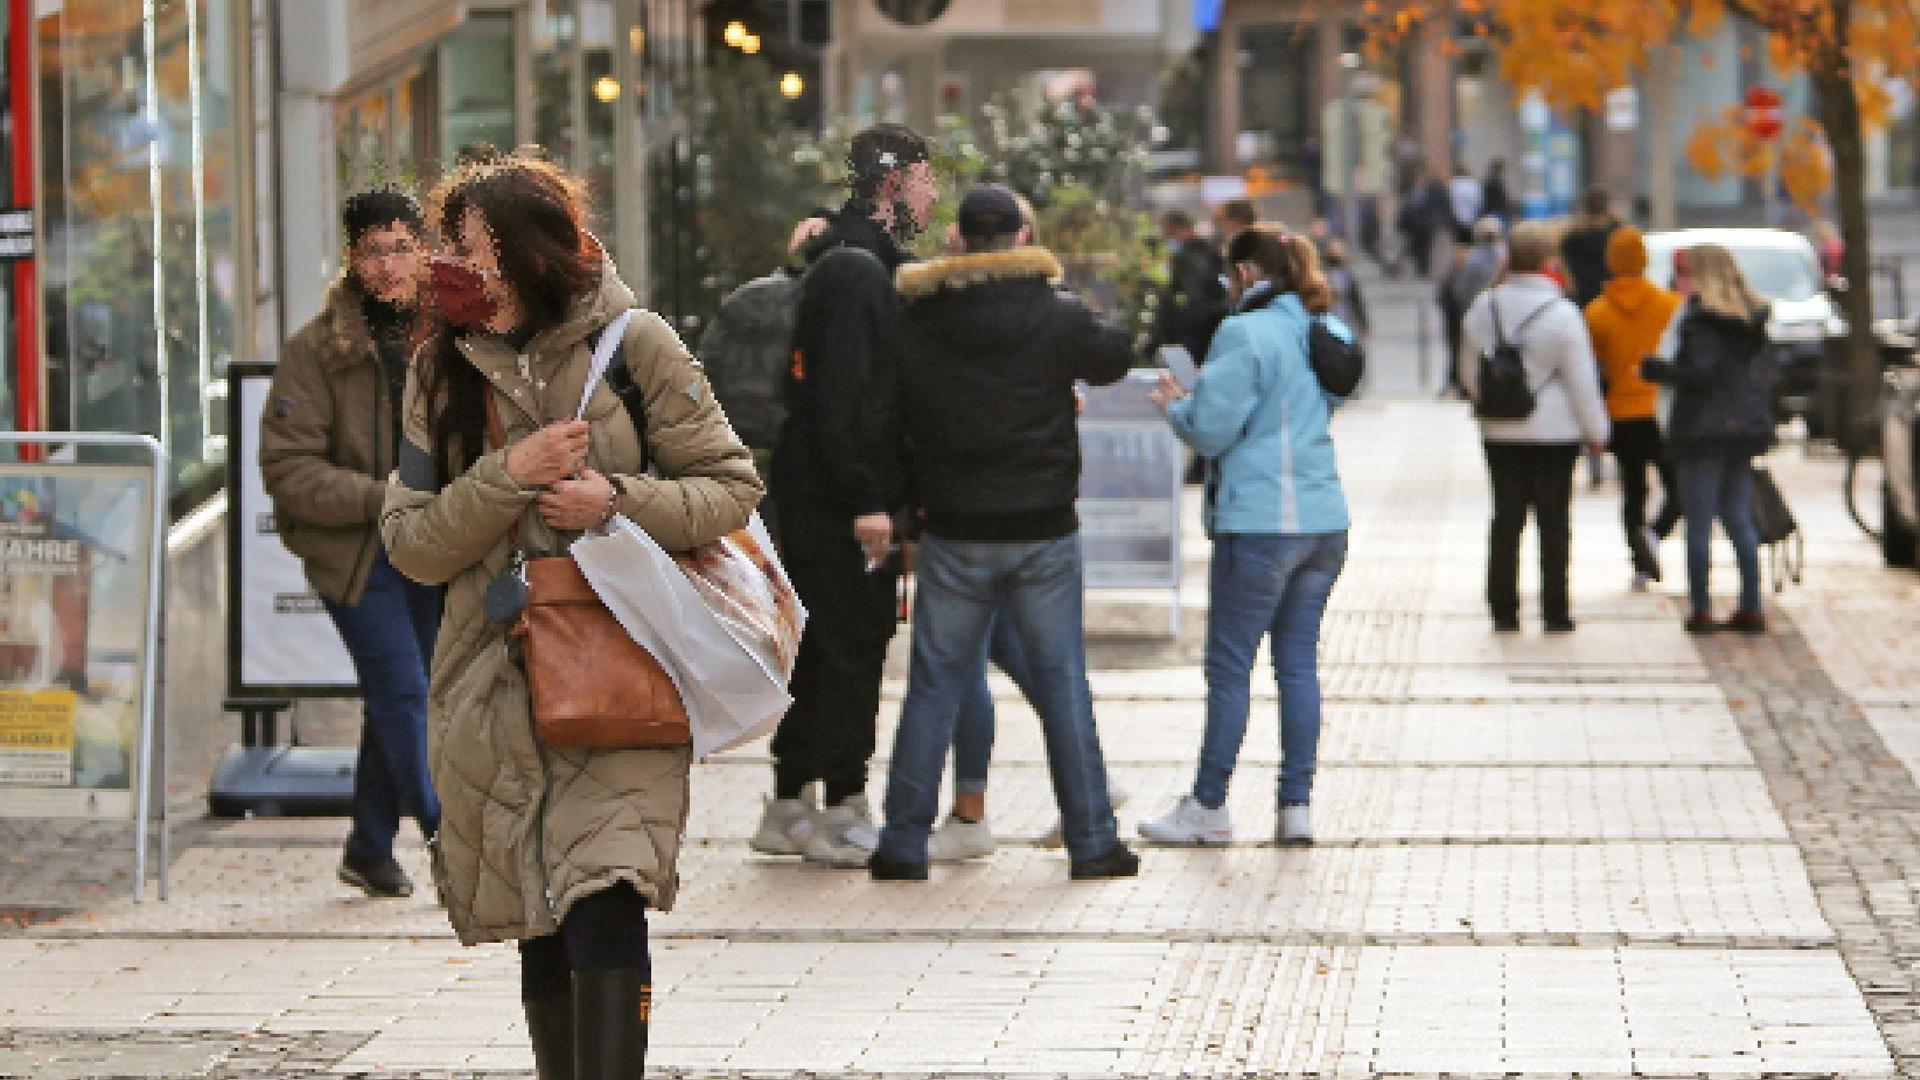 Eine Frau läuft auf einem breiten Gehweg, sie trägt einen Mundnasenschutz. Im Hintergrund Jugendliche teils ohne Mundnasenschutz.